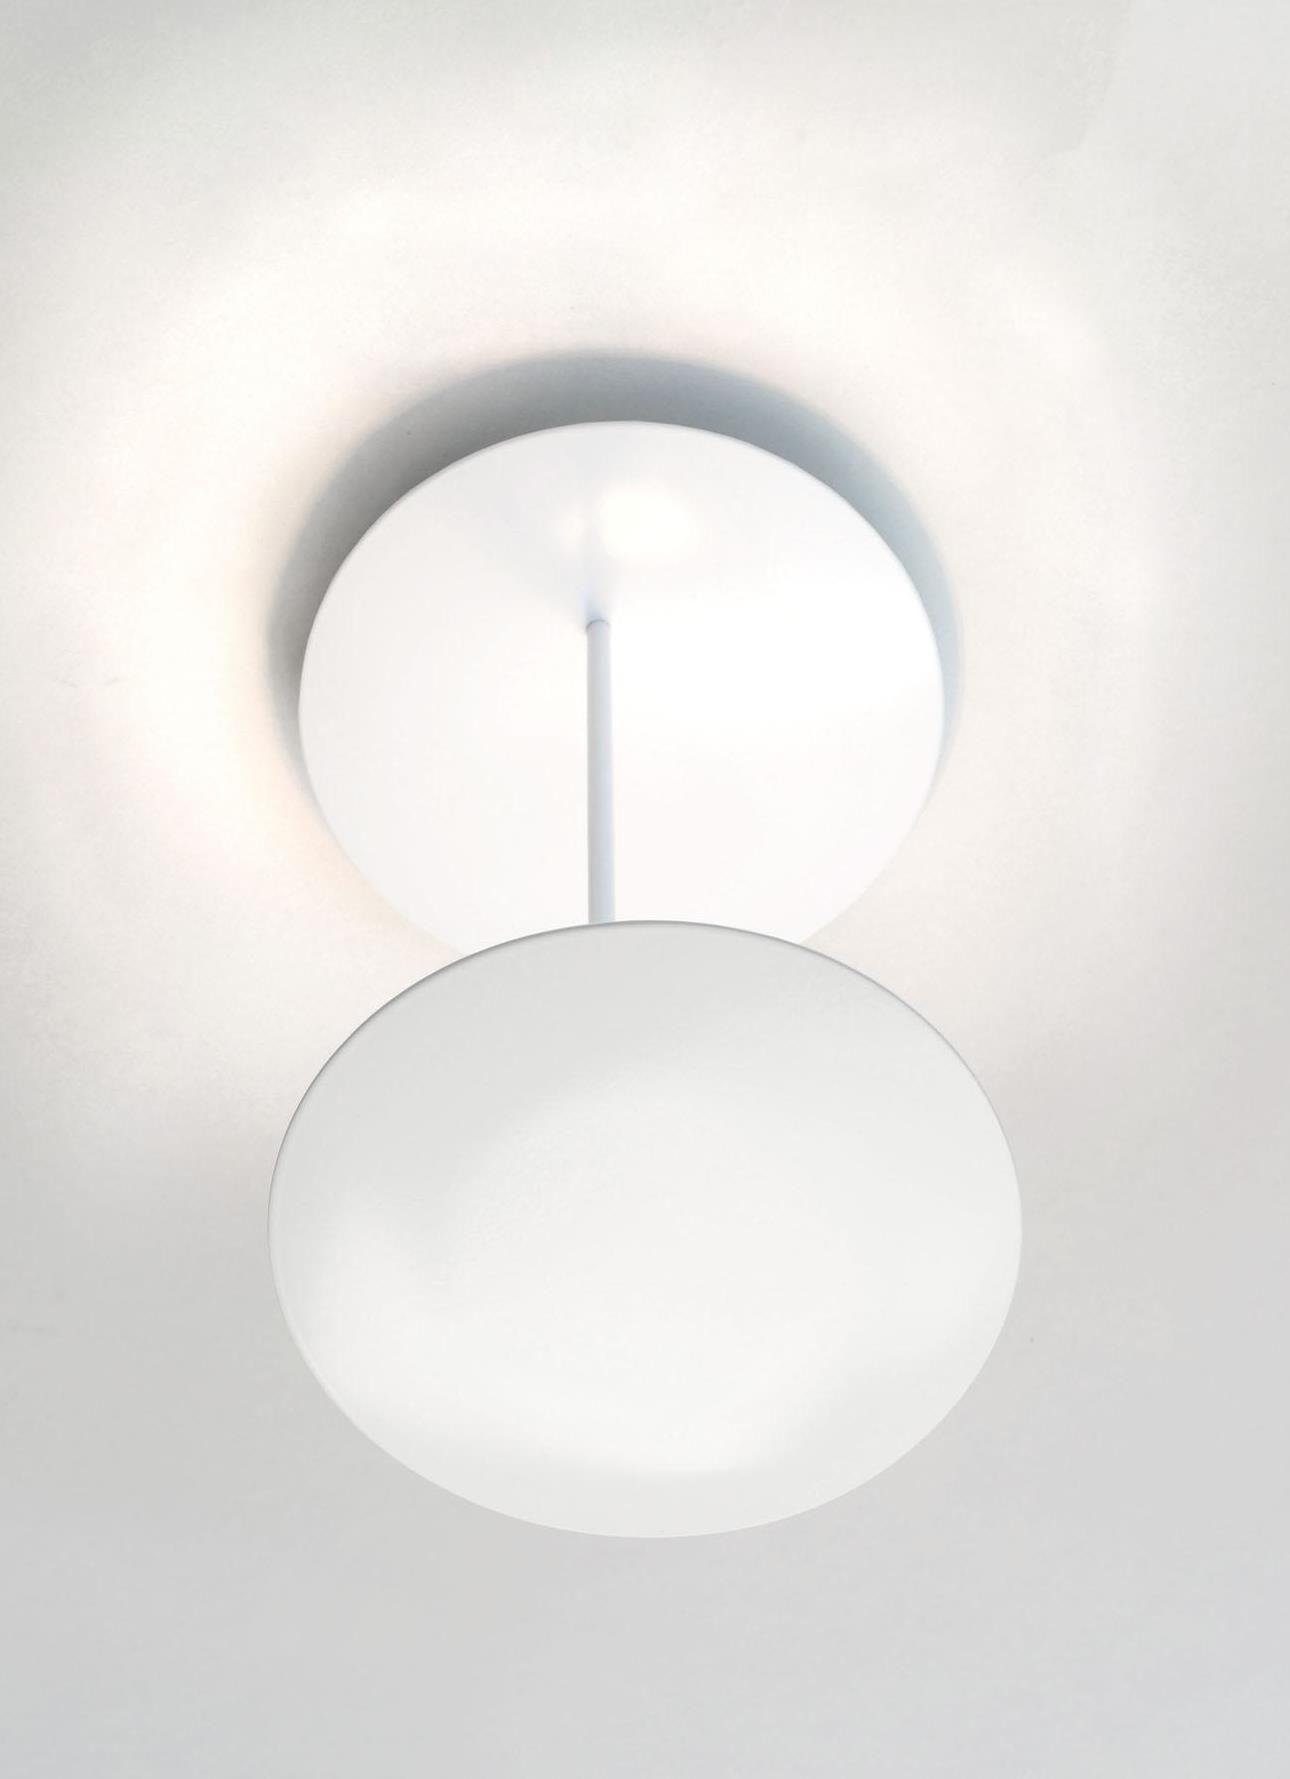 Millelumen Circles Designer Casablanca Leuchten Gmbh Misc